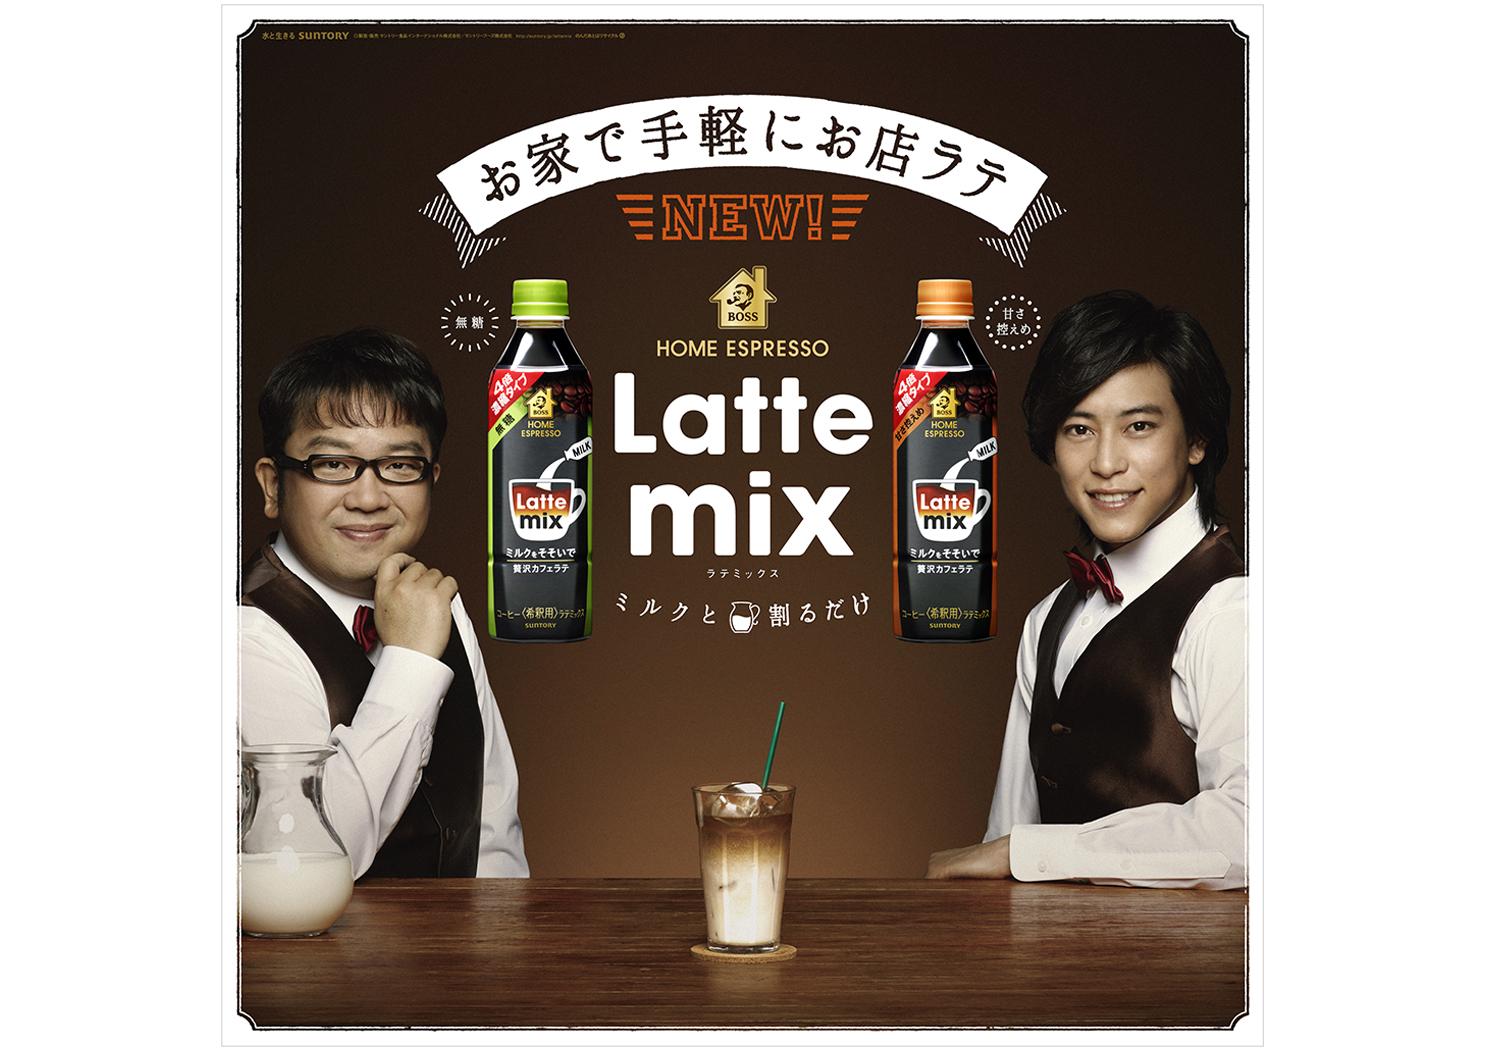 Suntory boss LatteMix boothbanner